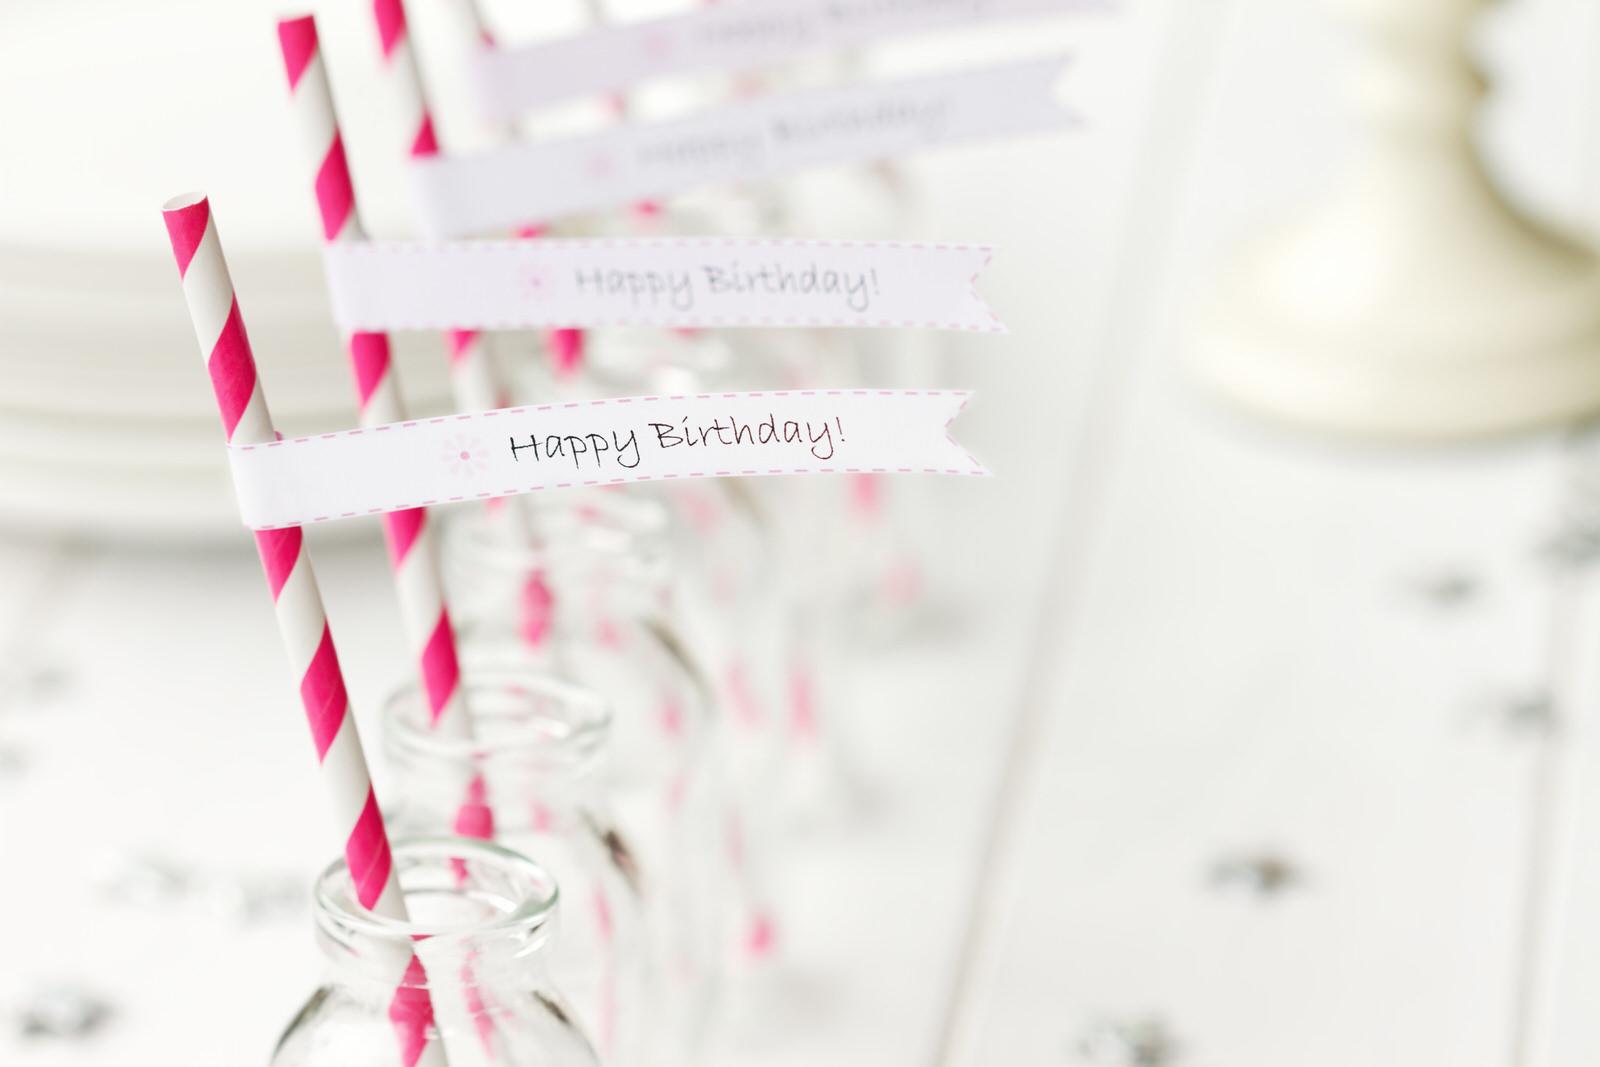 birthday-party-refreshments-PT8ZELG.jpg